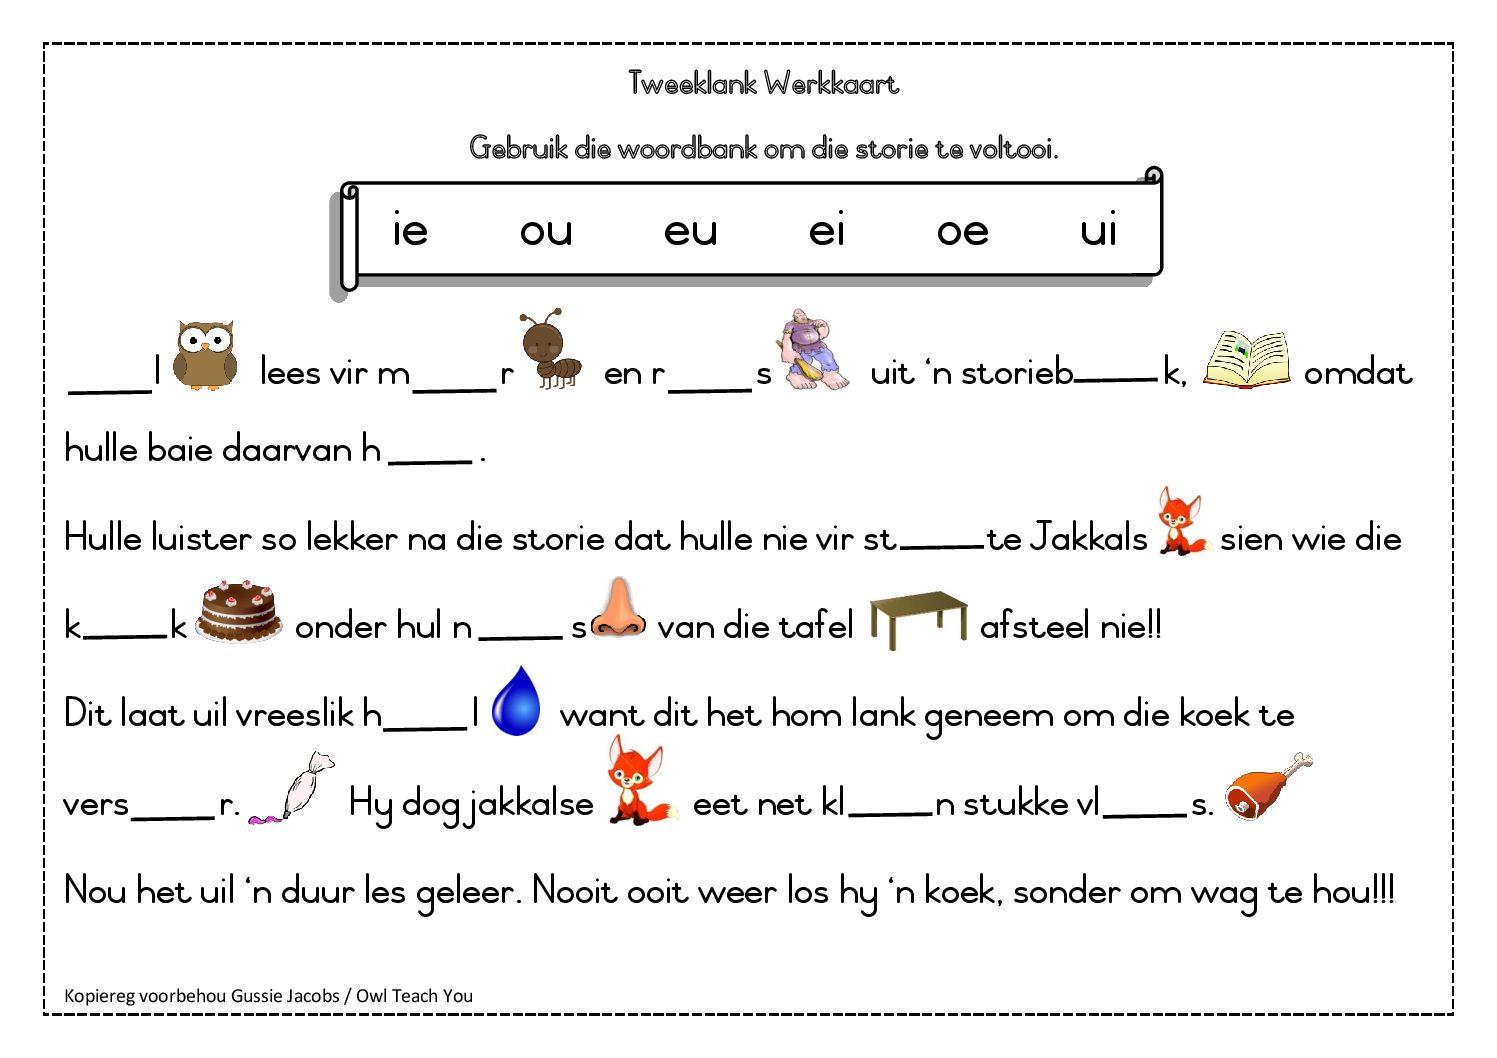 Wiskunde Werkboek Teacha